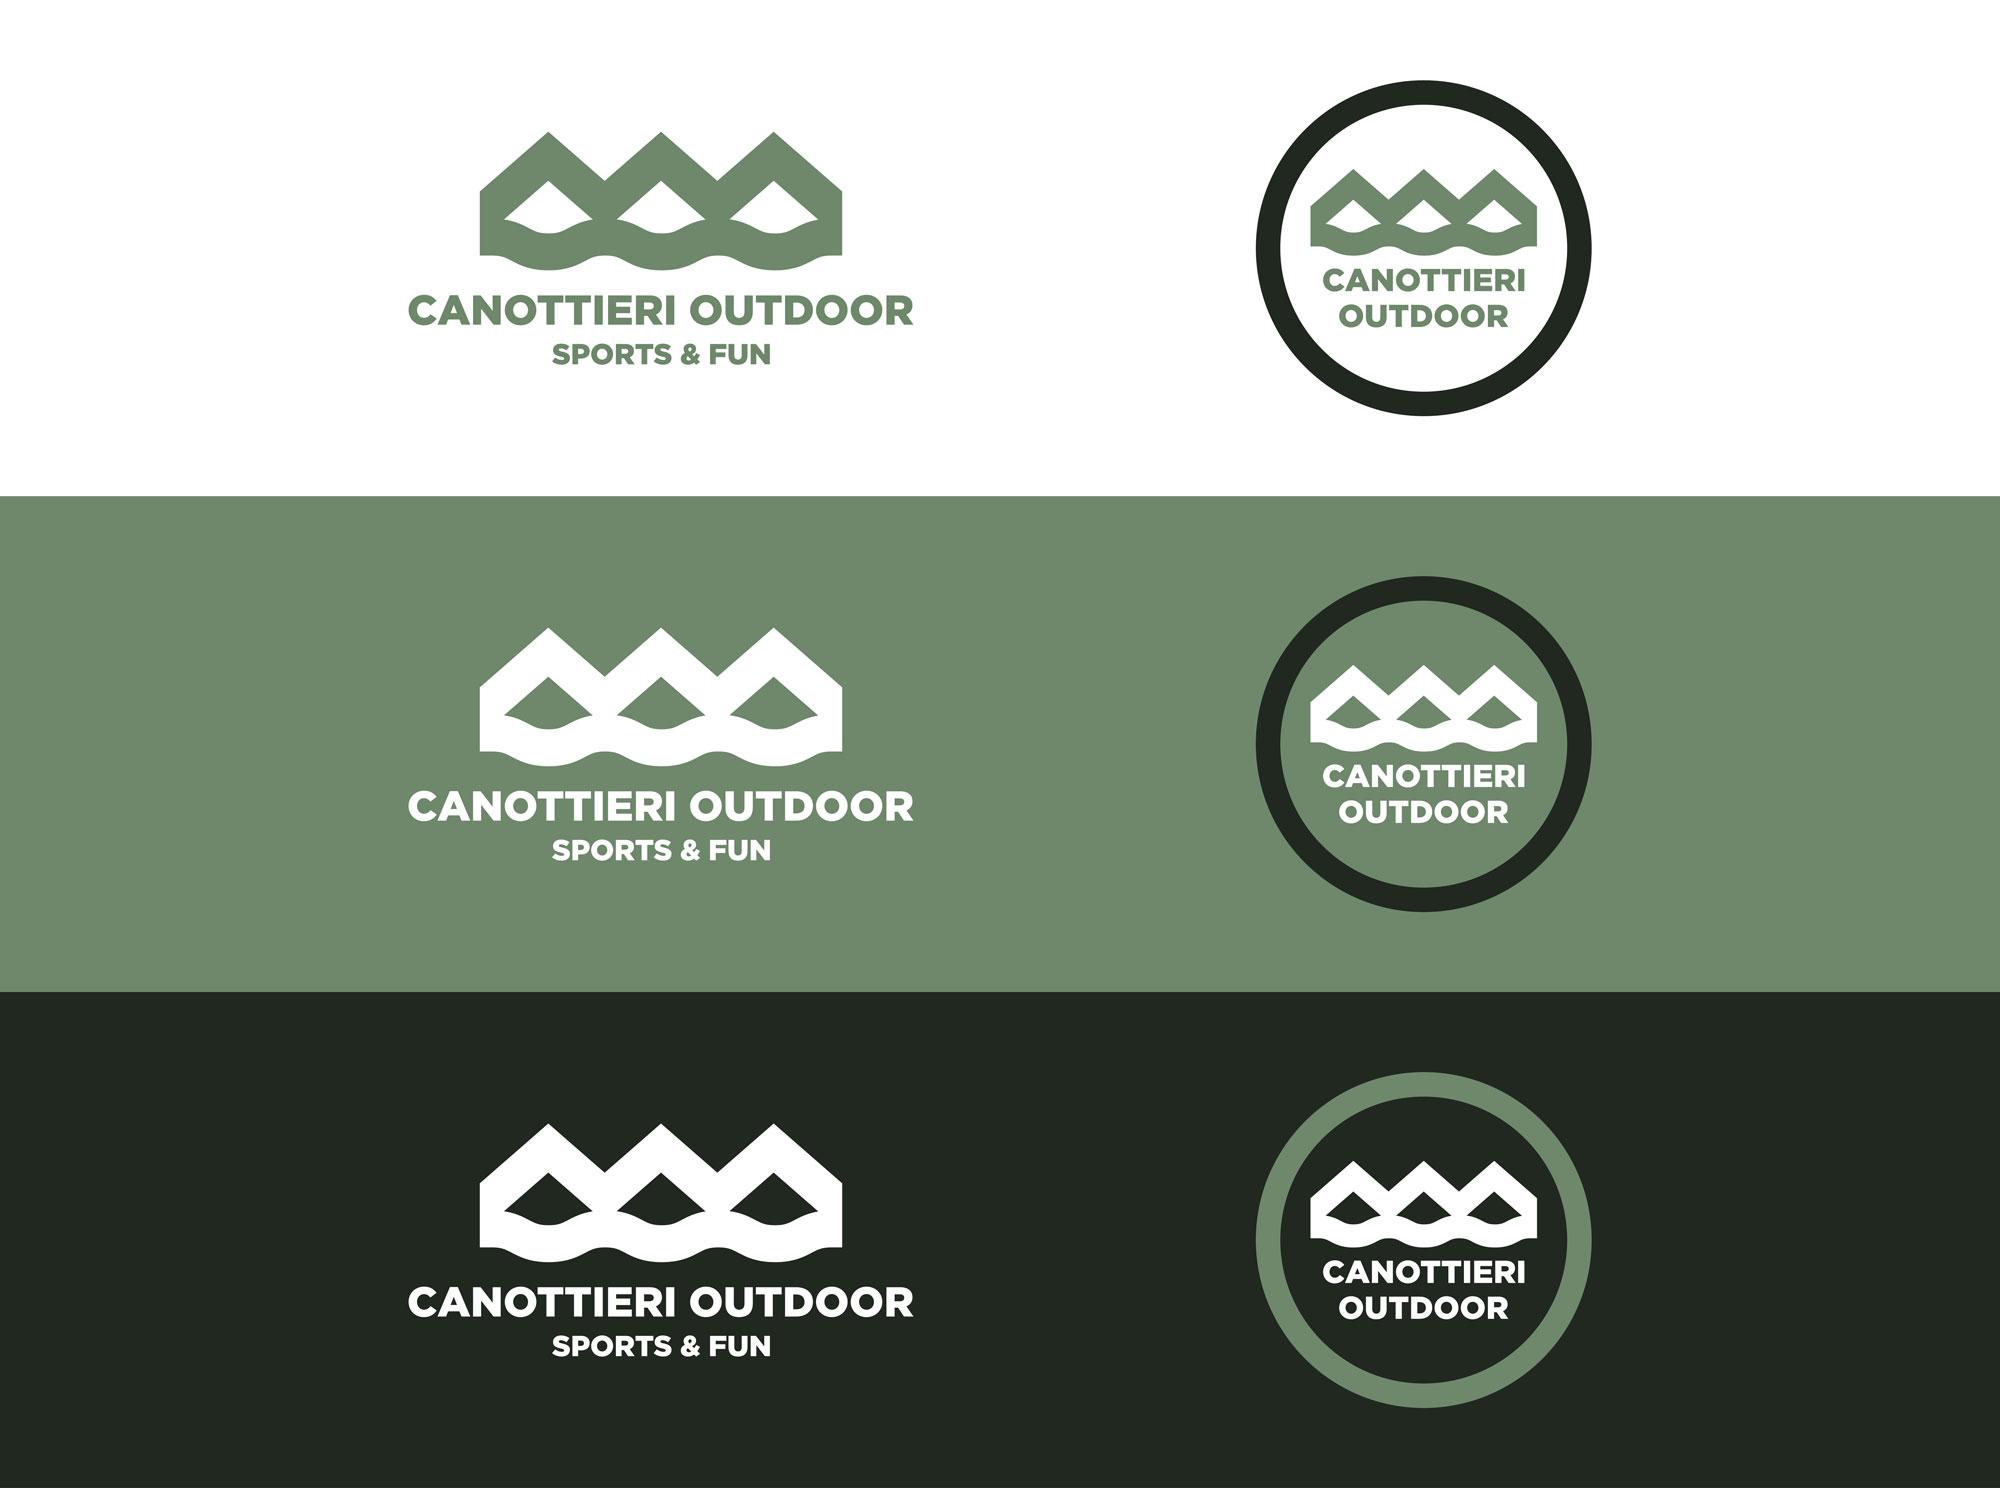 diverse versione del logo canottieri outdoor su sfondi di colore bianco, verde chiaro e verde scuro